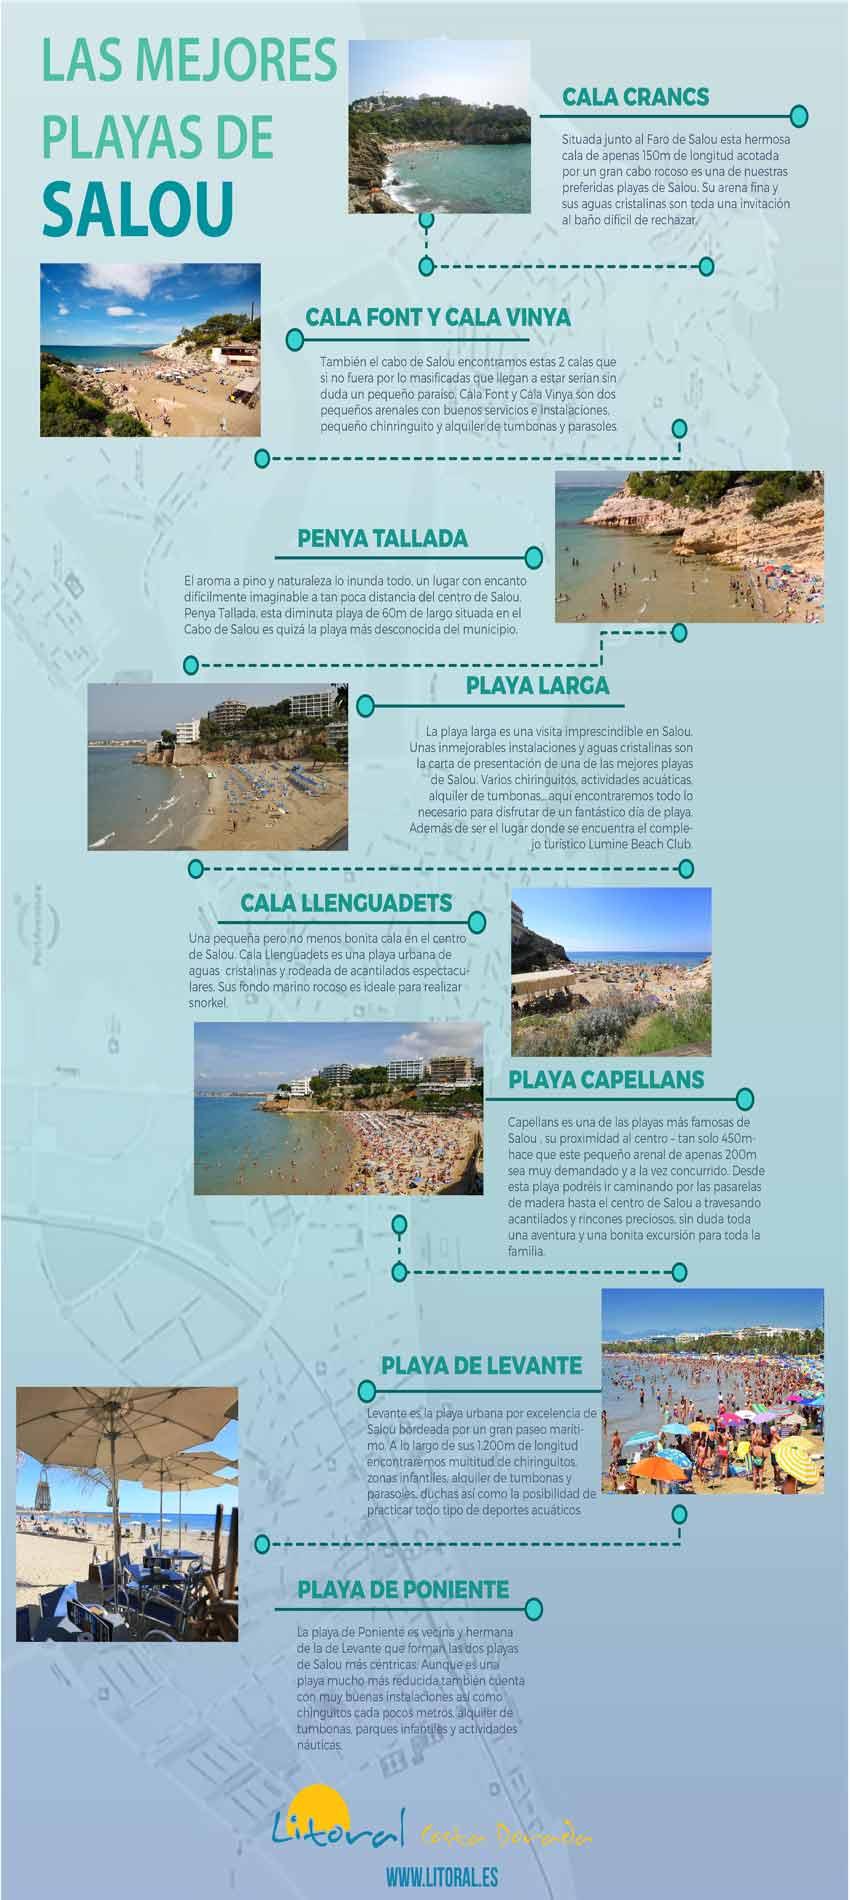 Lista de las mejores playas de Salou